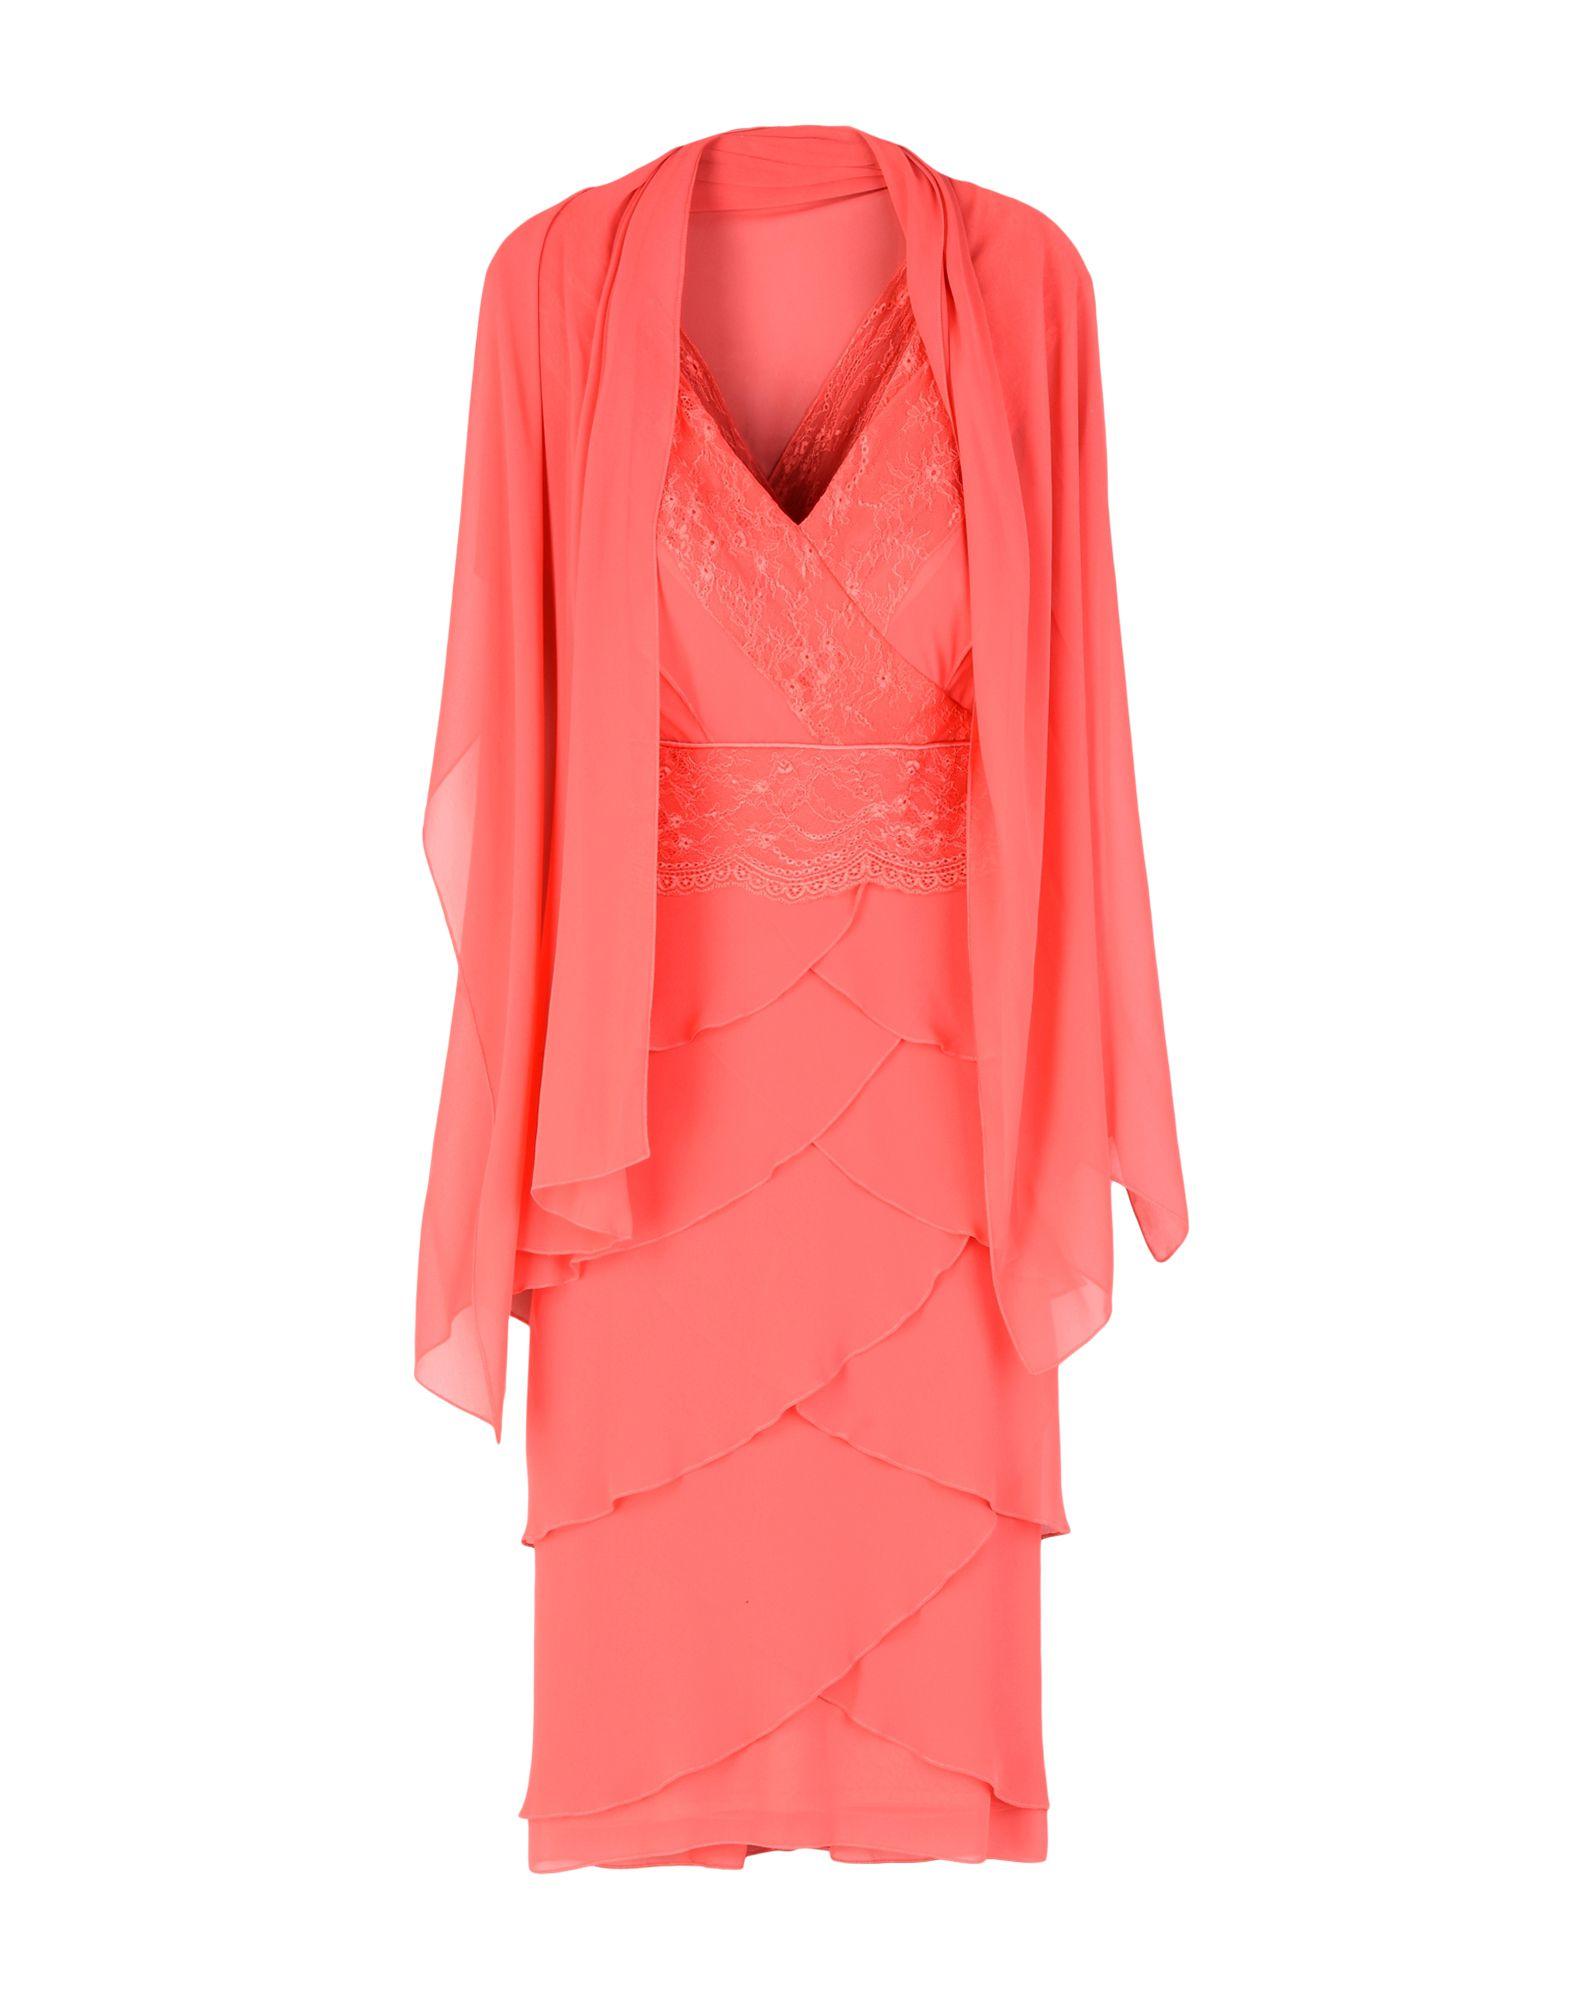 MUSANI COUTURE Платье длиной 3/4 alma couture юбка длиной 3 4